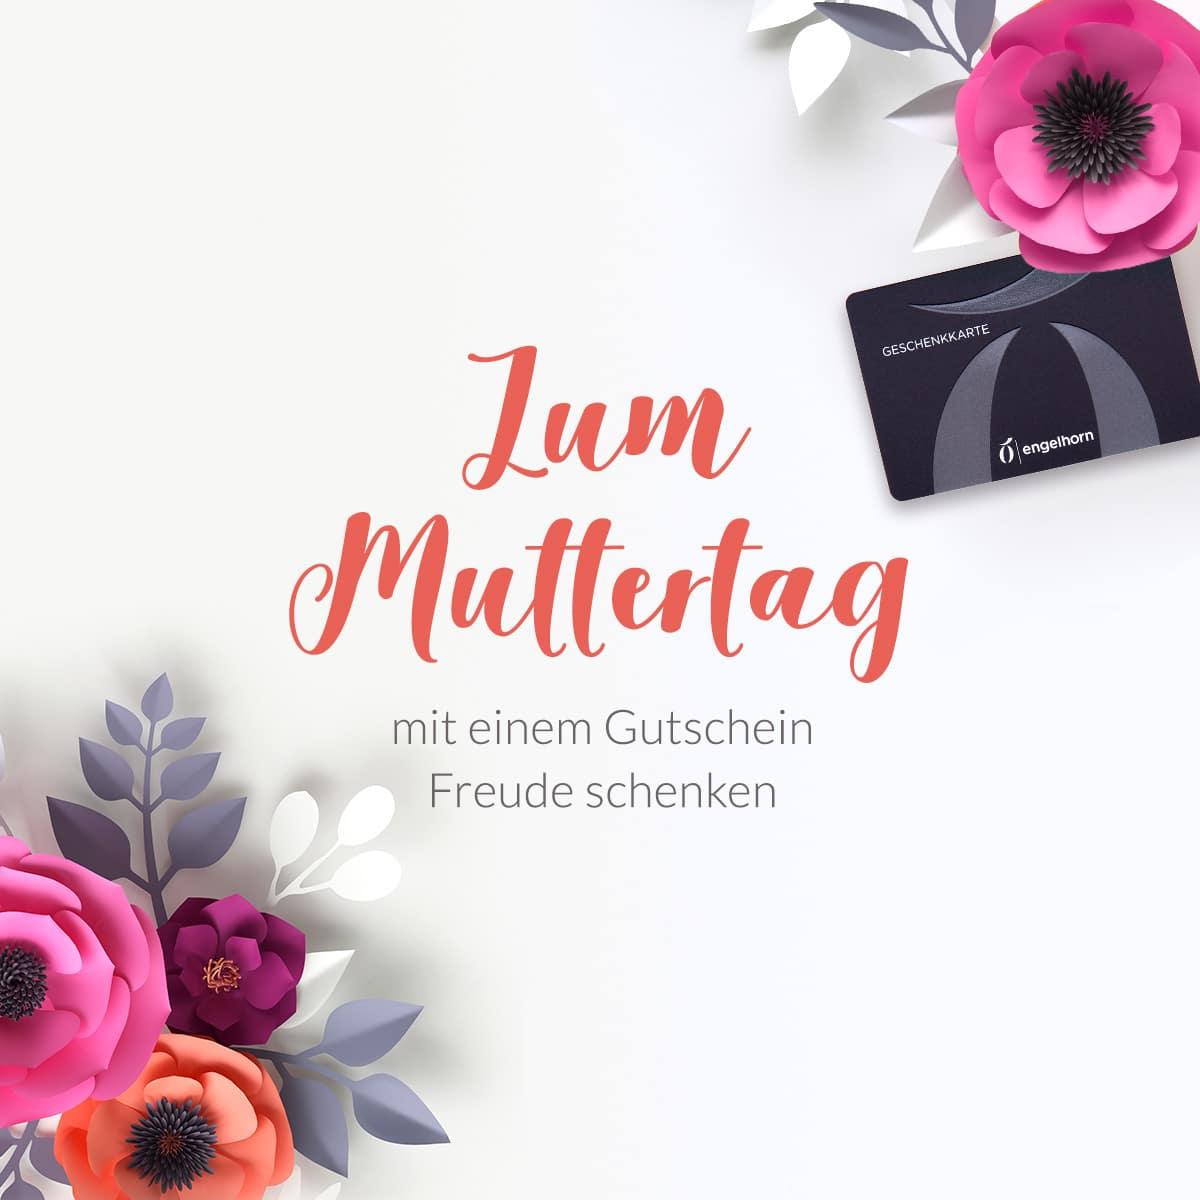 Muttertag Geschenkidee Gutschein